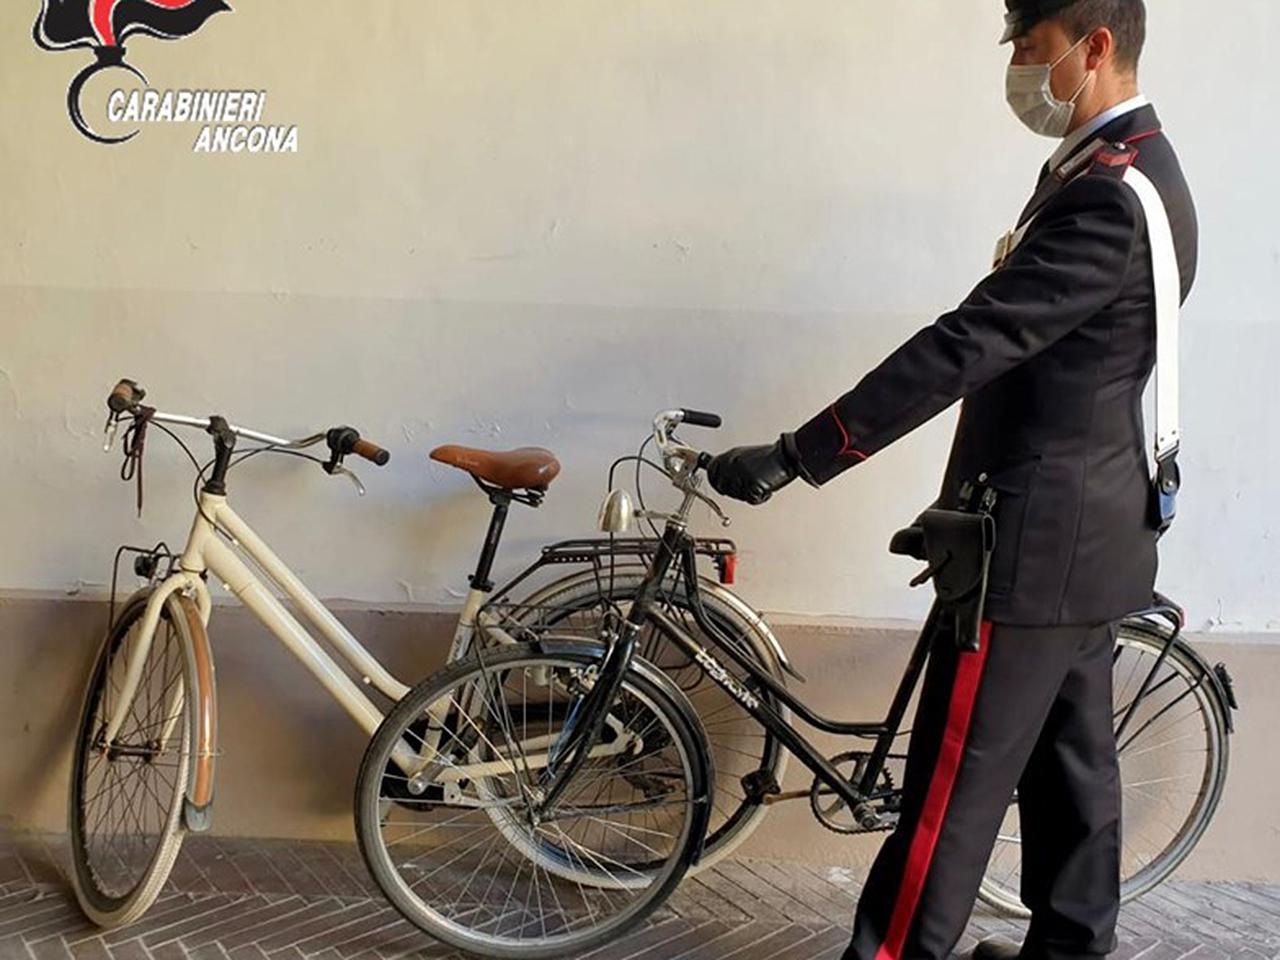 Le biciclette sequestrate al giovane arrestato a Senigallia